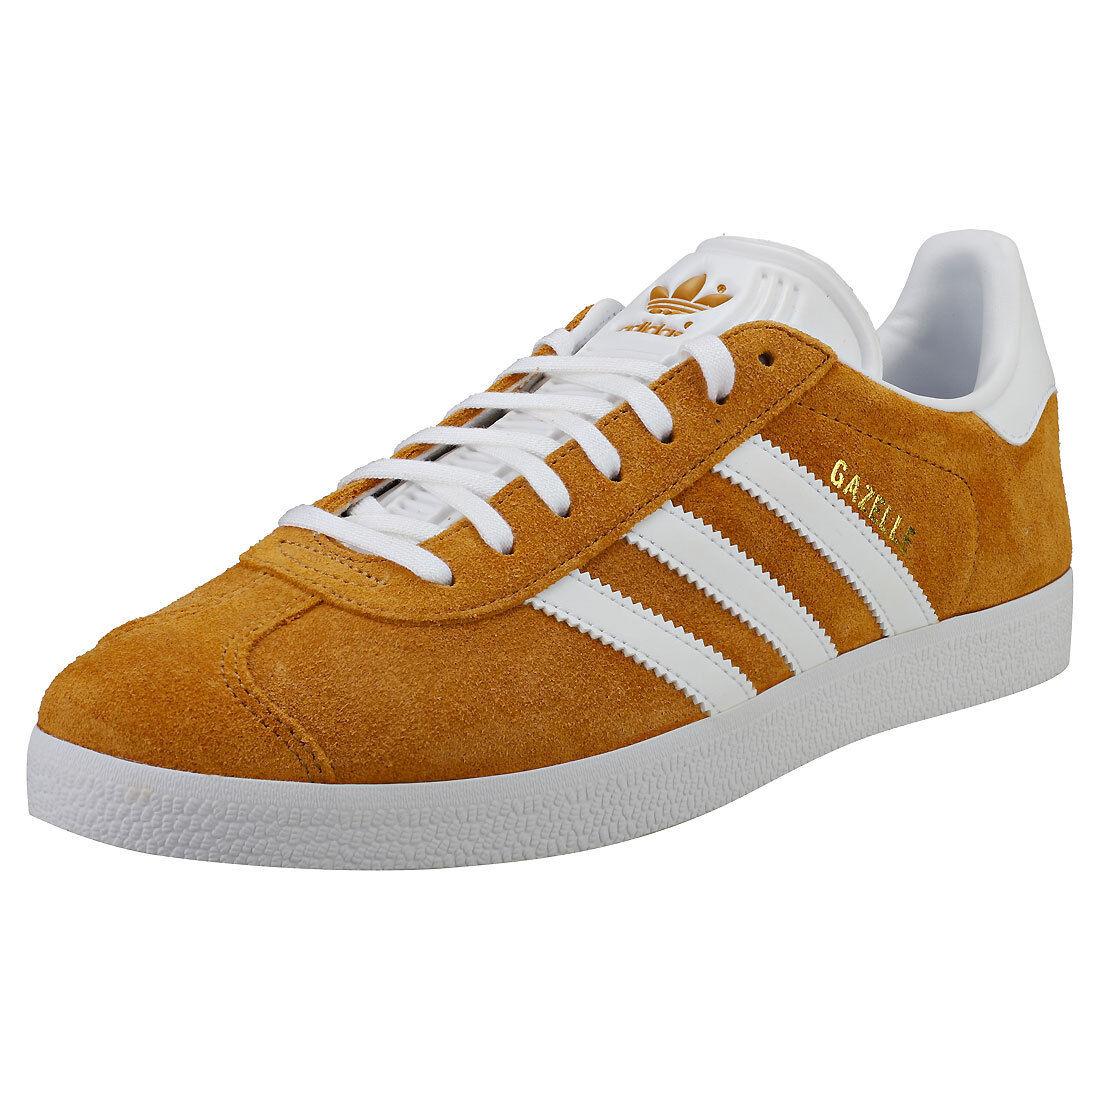 Adidas Gazelle   Herren Herren Herren Tan Weiß Suede & Synthetic Trainers - 10 UK 5cac80